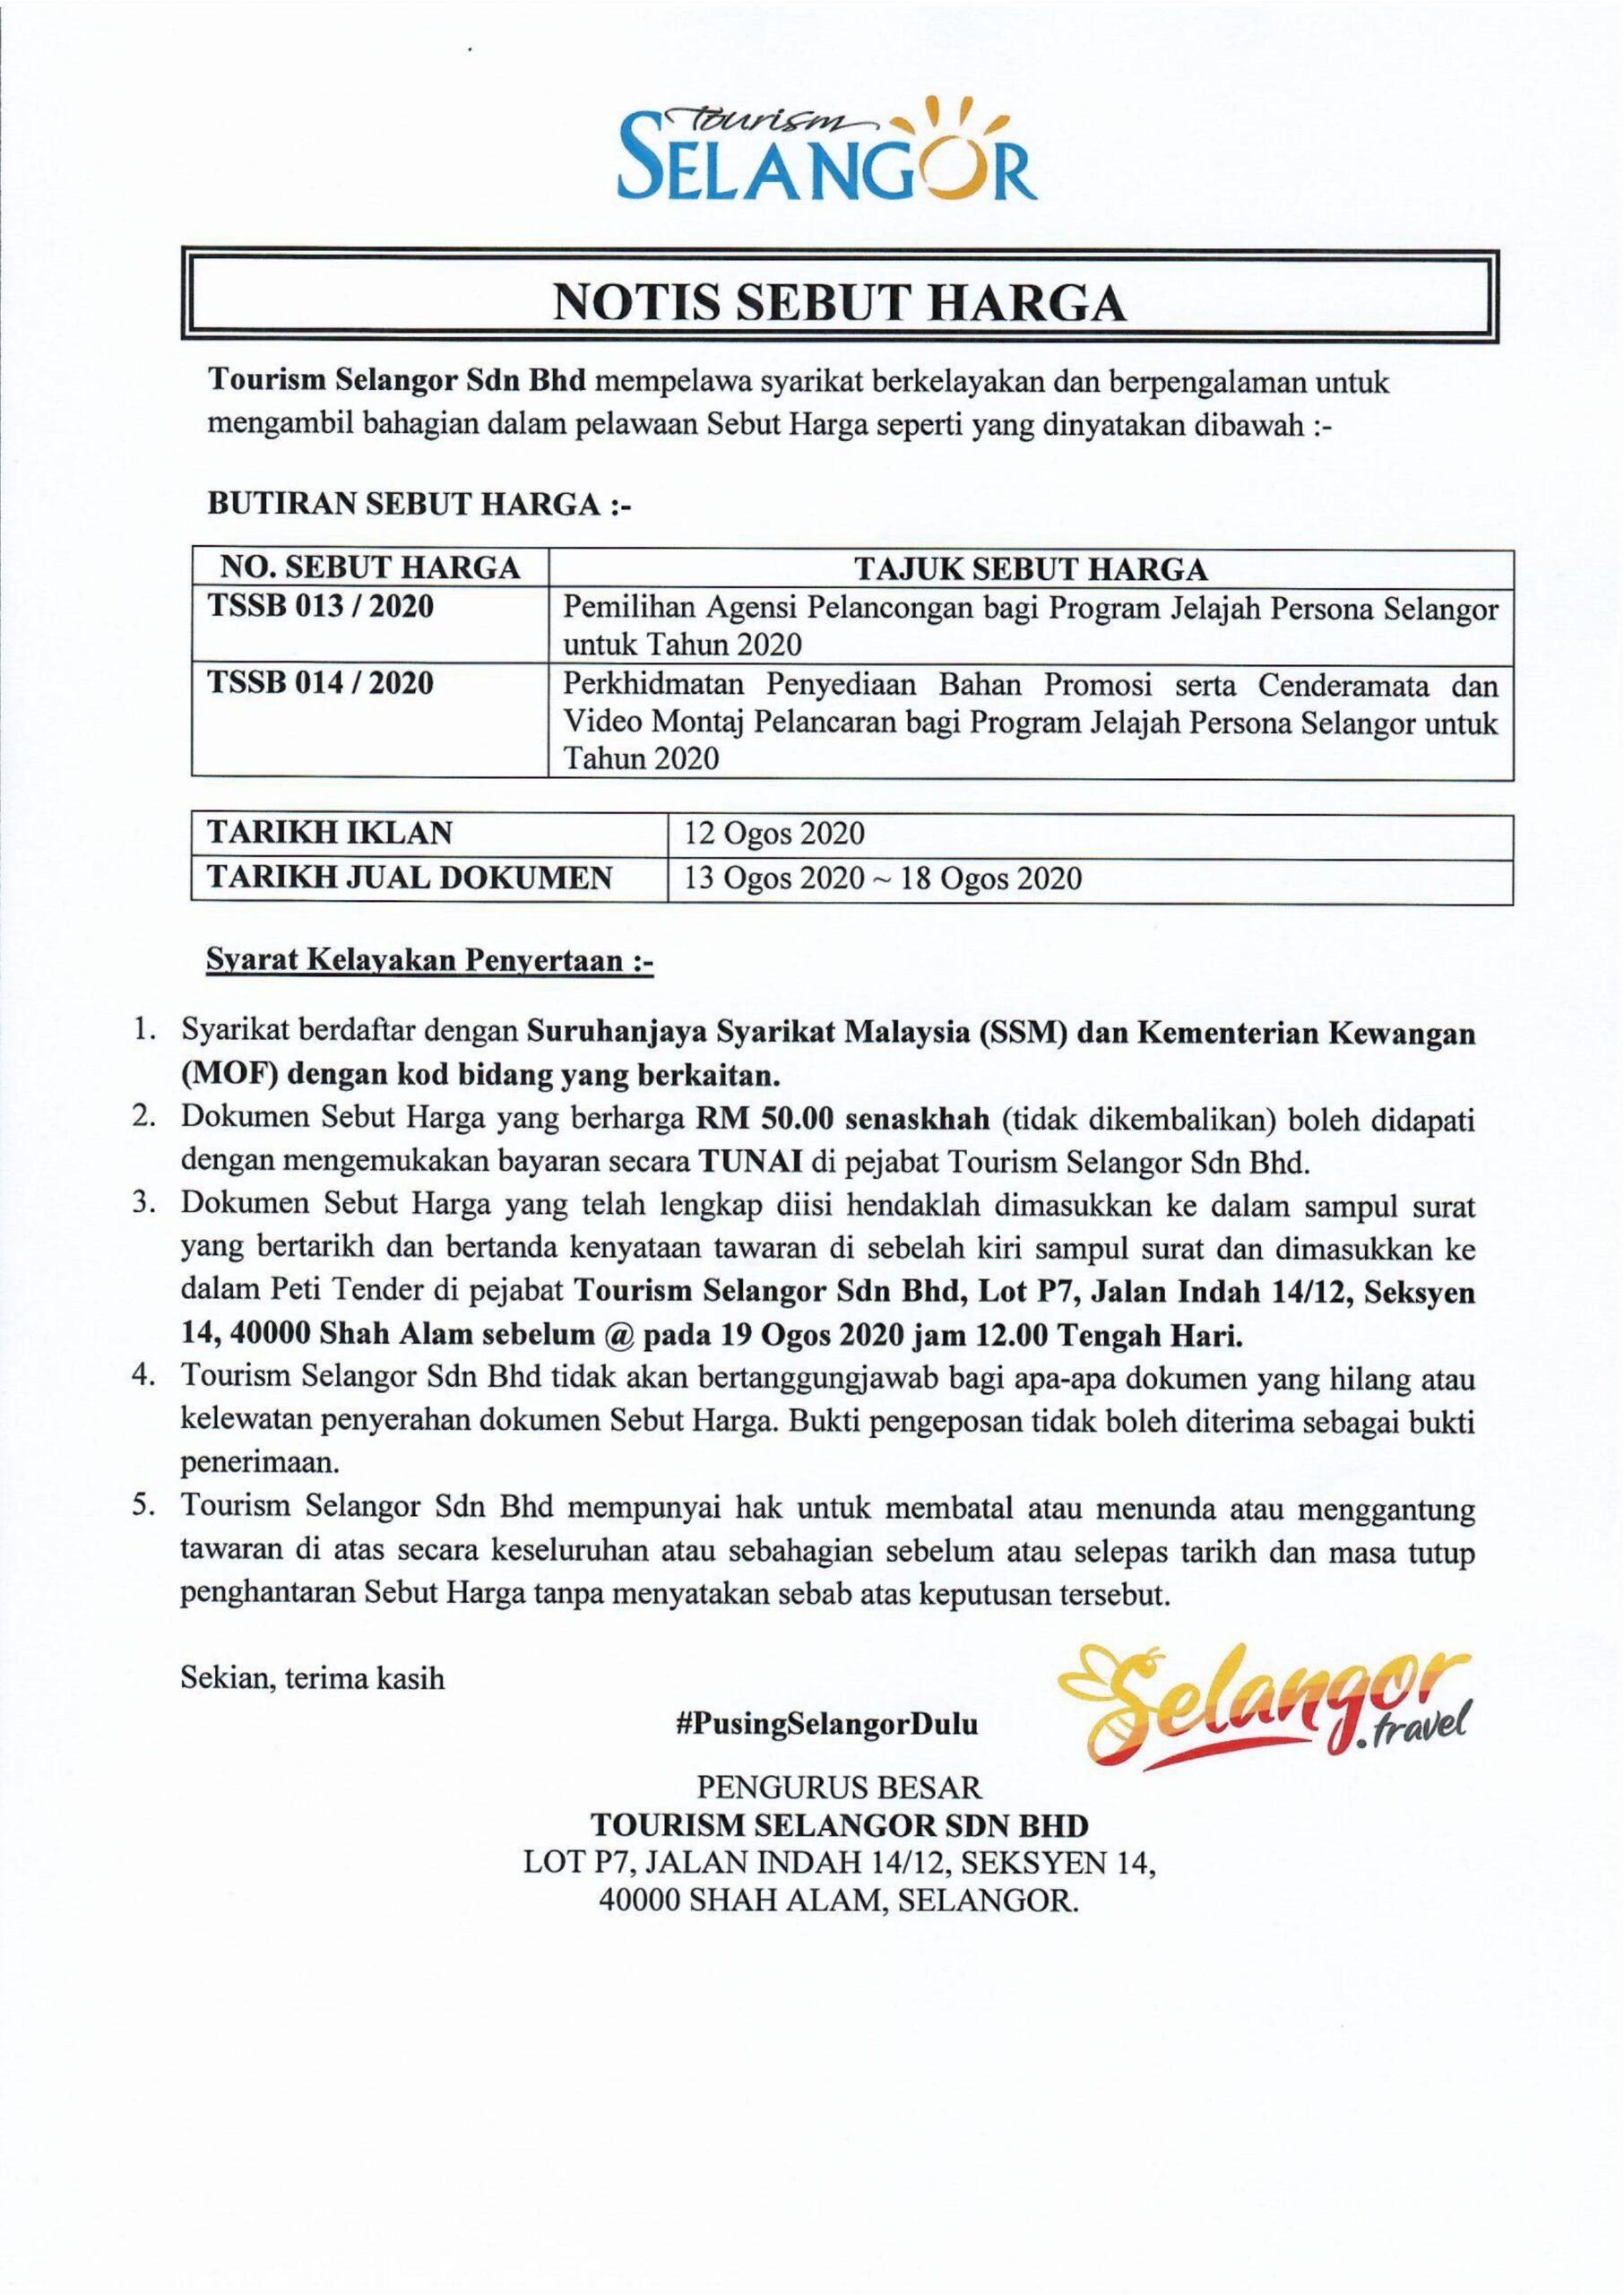 Tender Notice : TSSB 013, 014 / 2020 1